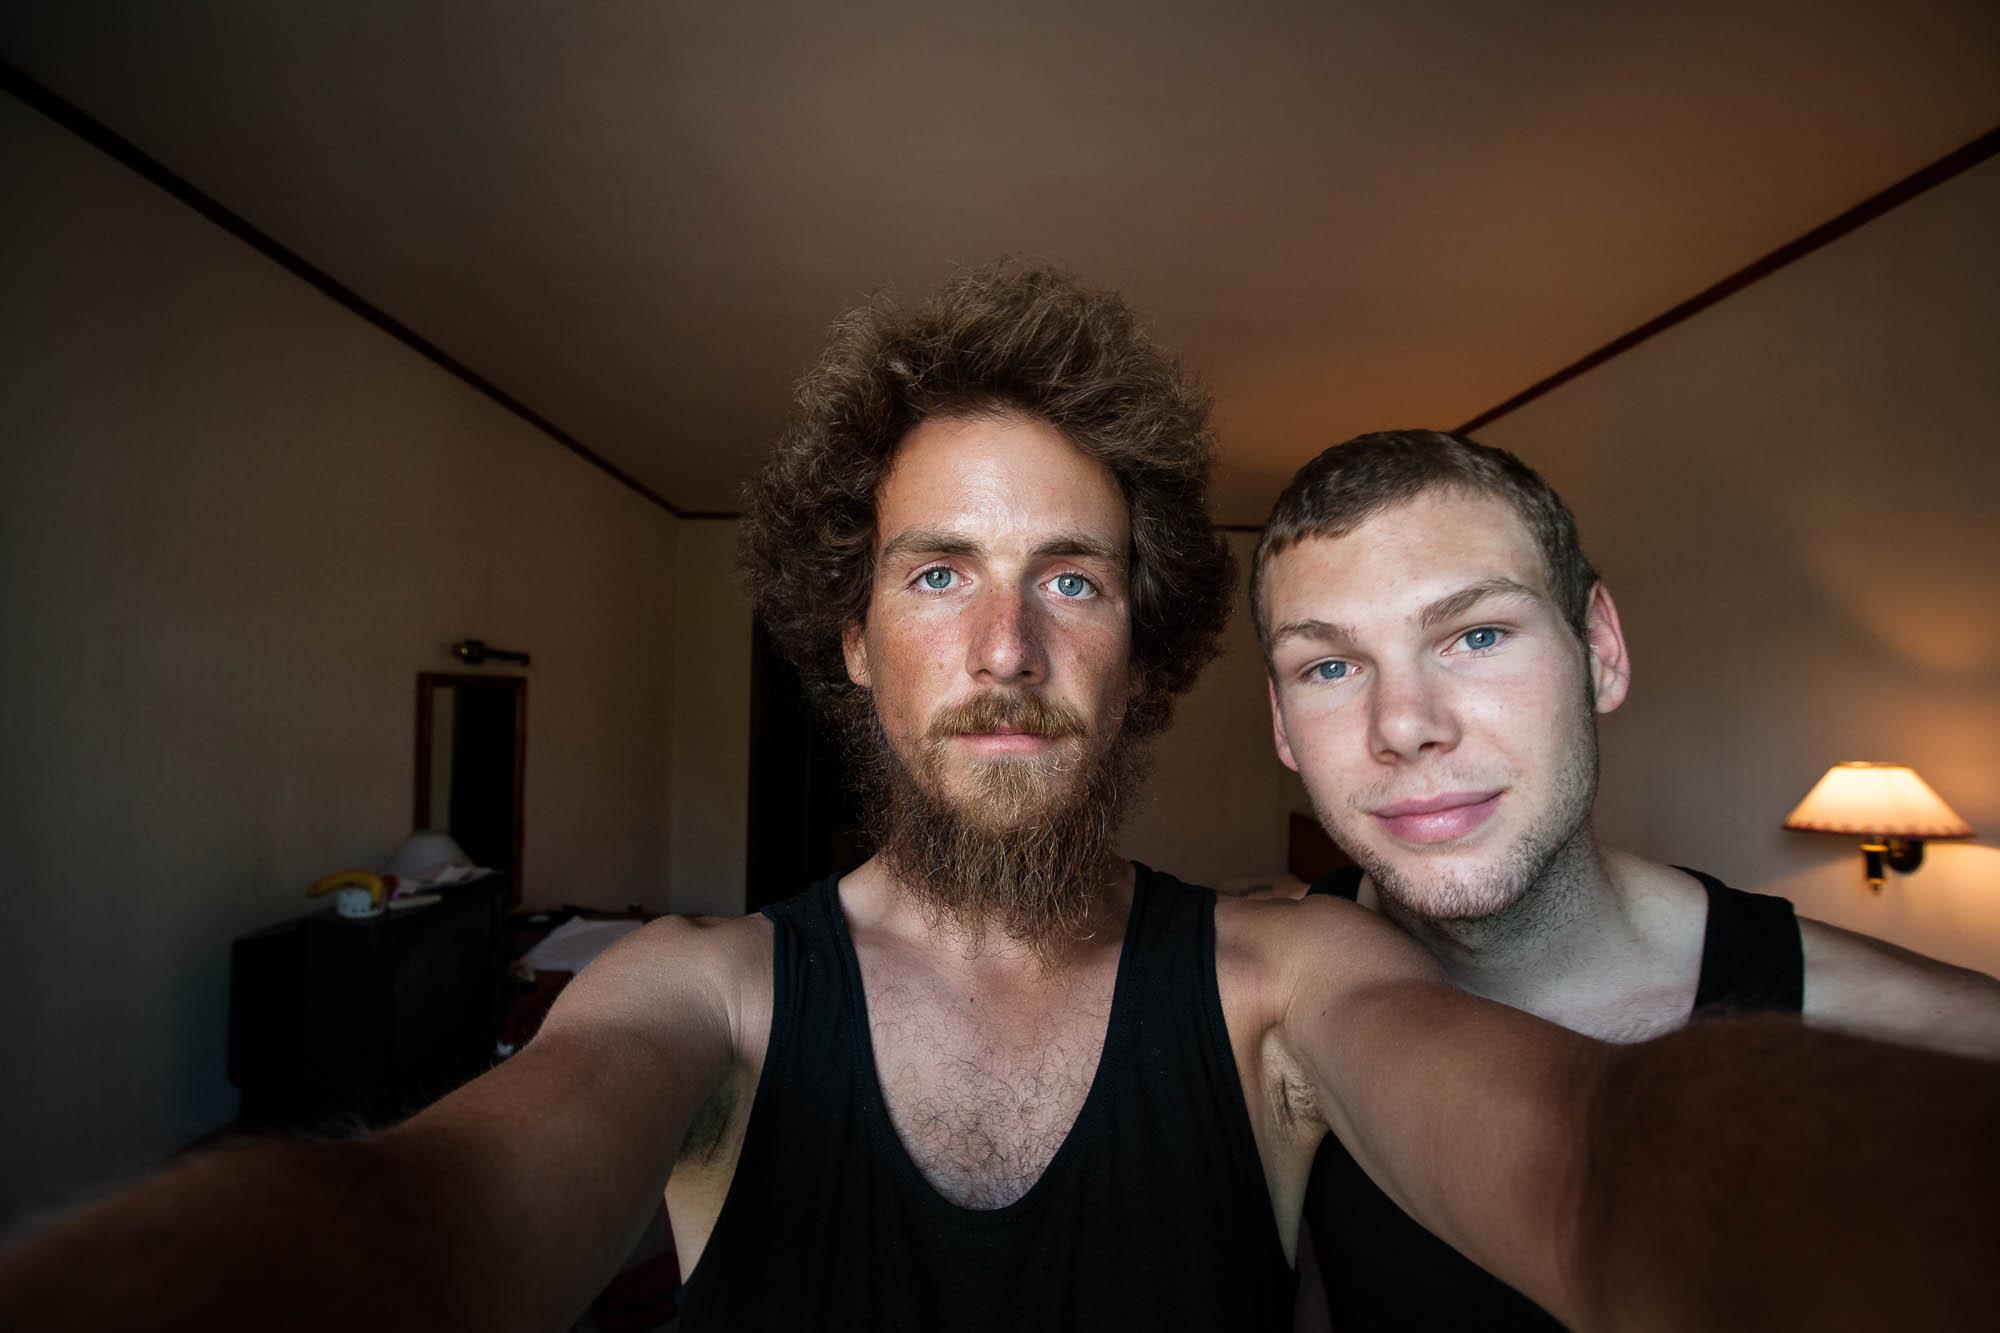 Robo and Chris